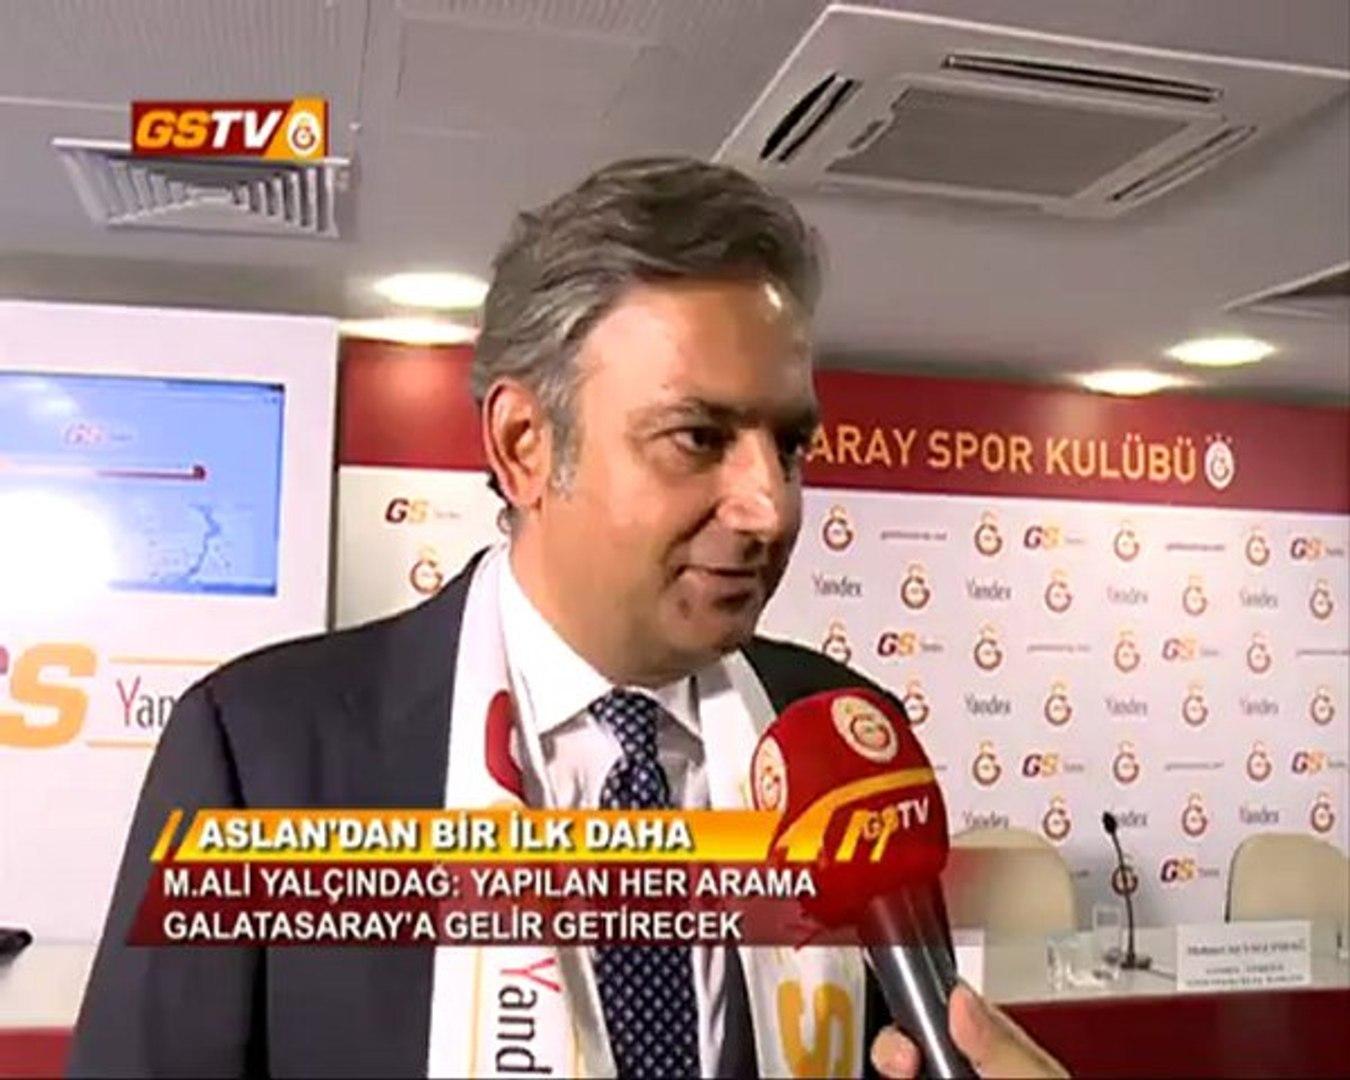 BİLGİ | Galatasaray ve Yandex Dünyada Bir İlke İmza Attı